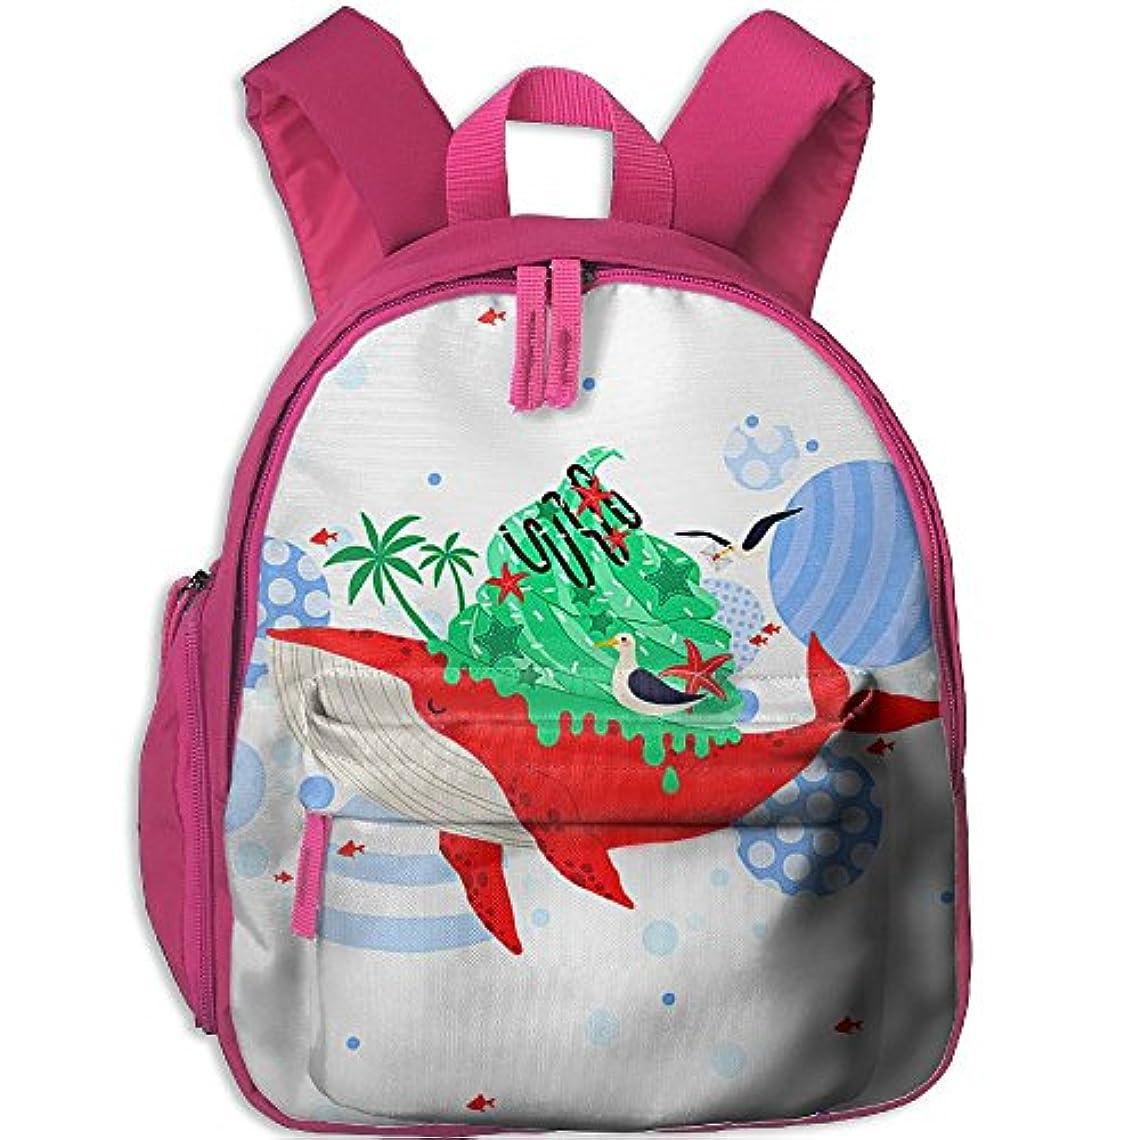 島自分のためにプリーツサメ プリントアイデア?デザインおしゃれ 通気性子ども男の子 女の子のキッズ リュック通学ショルダーバッグ